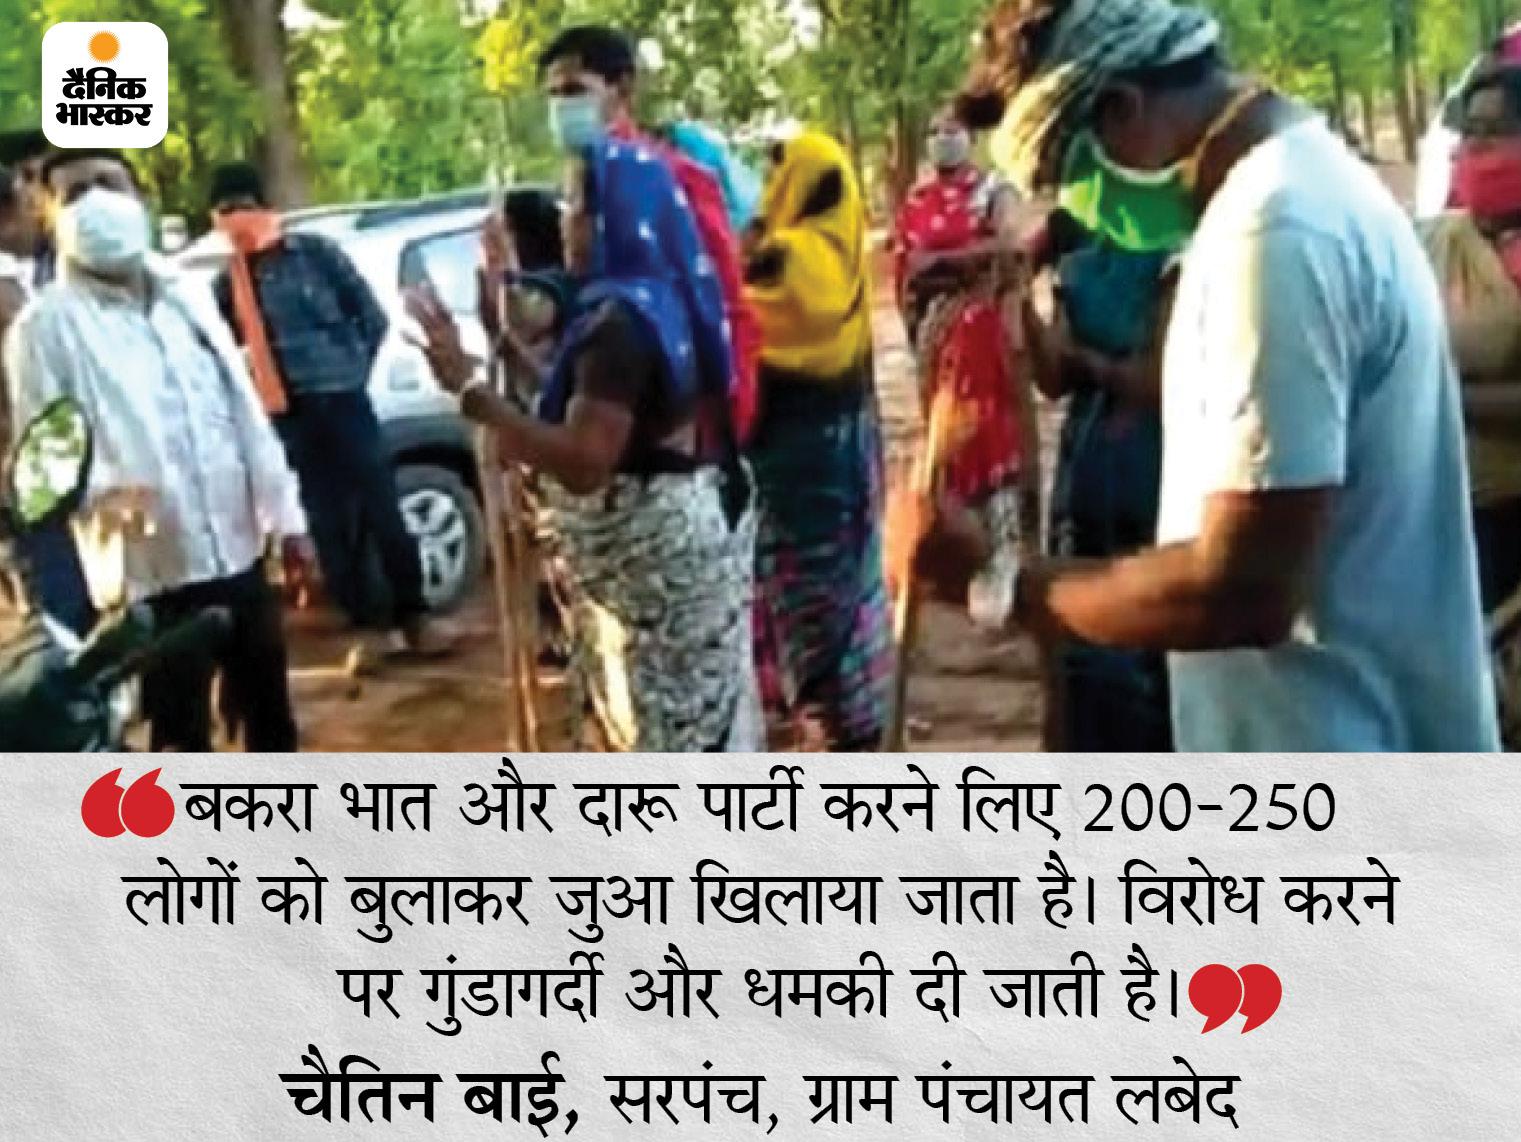 महिला सरपंच ने कलेक्टर को लिखा- जंगलों में जुआ चल रहा है, संक्रमण का खतरा बढ़ा, इनसे गांव खाली कराएं छत्तीसगढ़,Chhattisgarh - Dainik Bhaskar